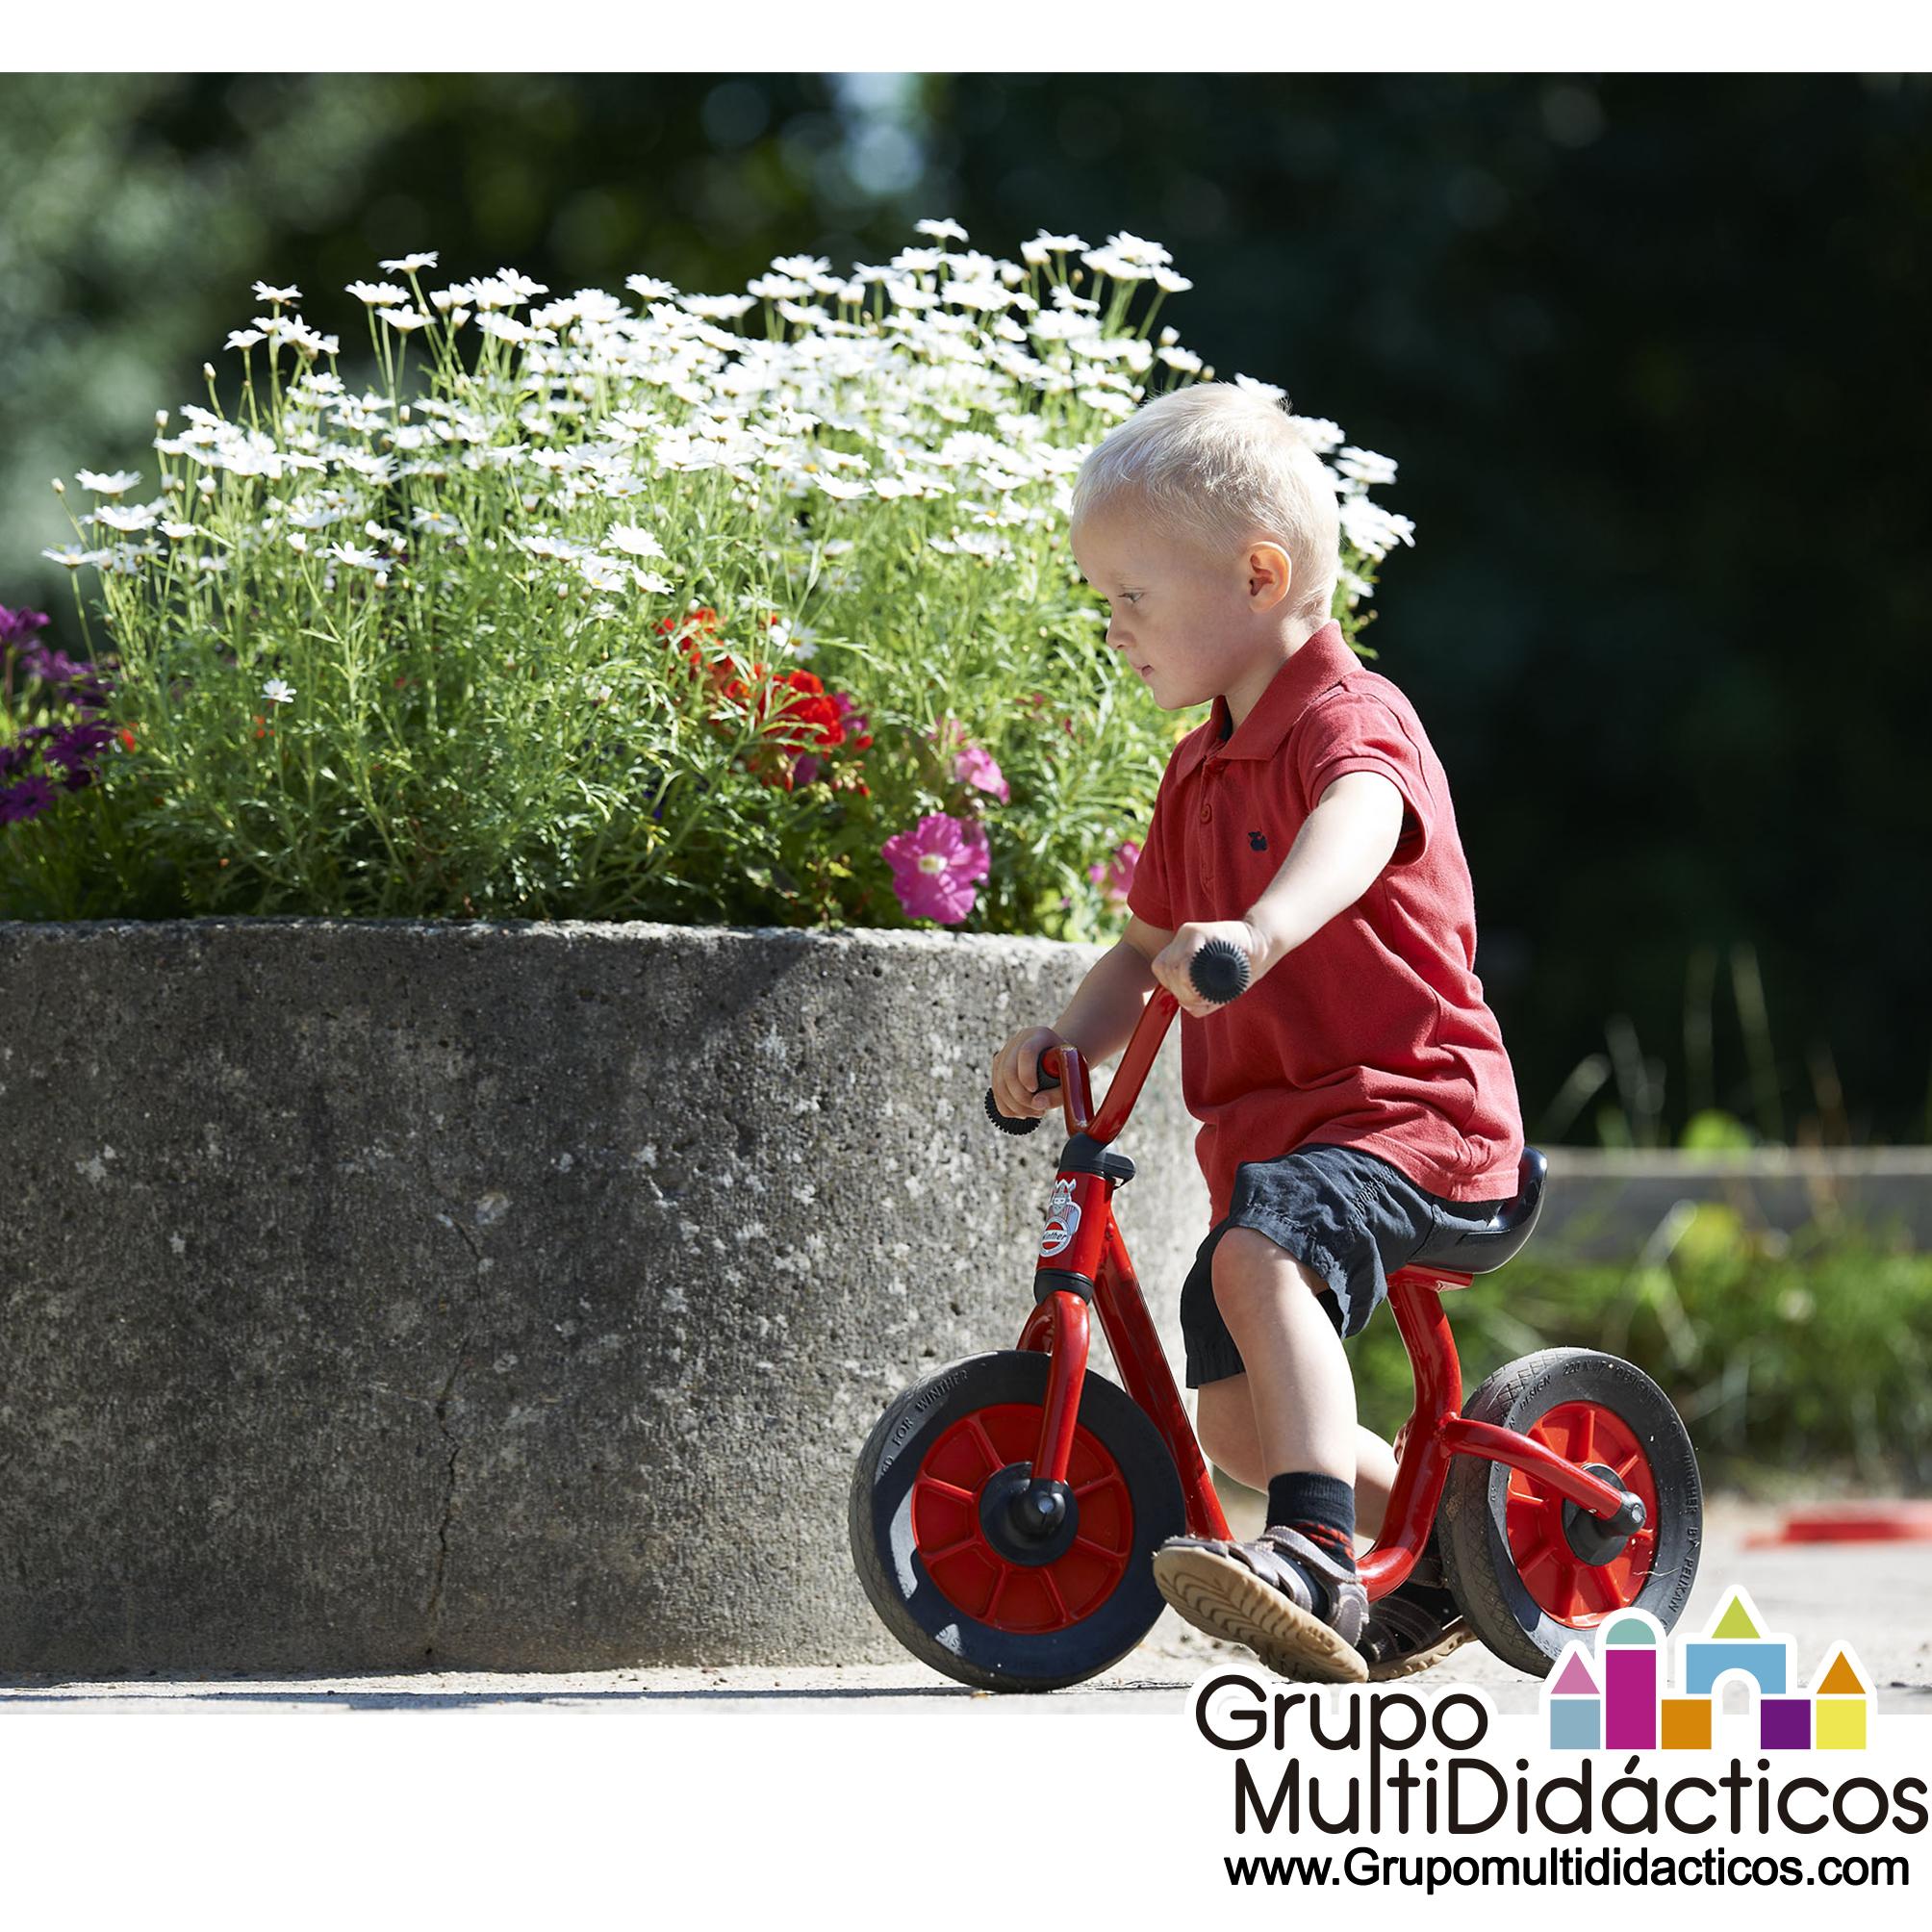 https://multididacticos.com/images/productos/peq/bicicleta%20sin%20pedales%2013b.jpg